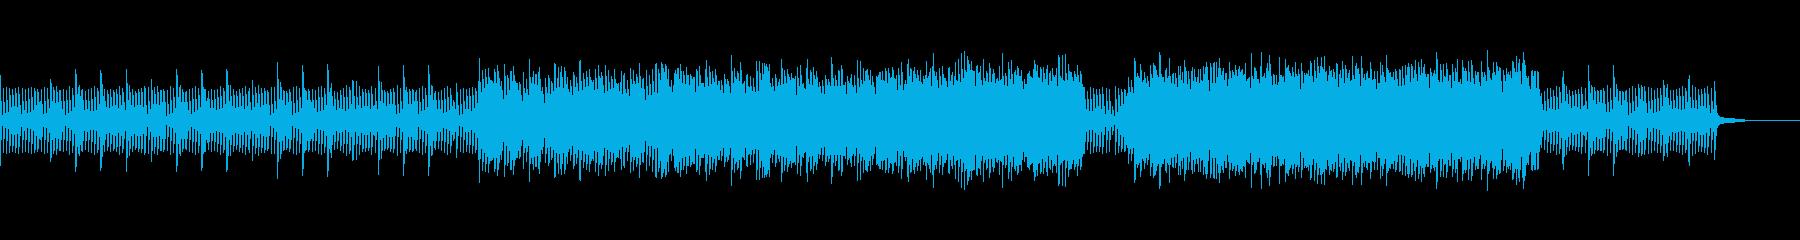 革新、技術、ひらめき、広がりを感じる曲の再生済みの波形